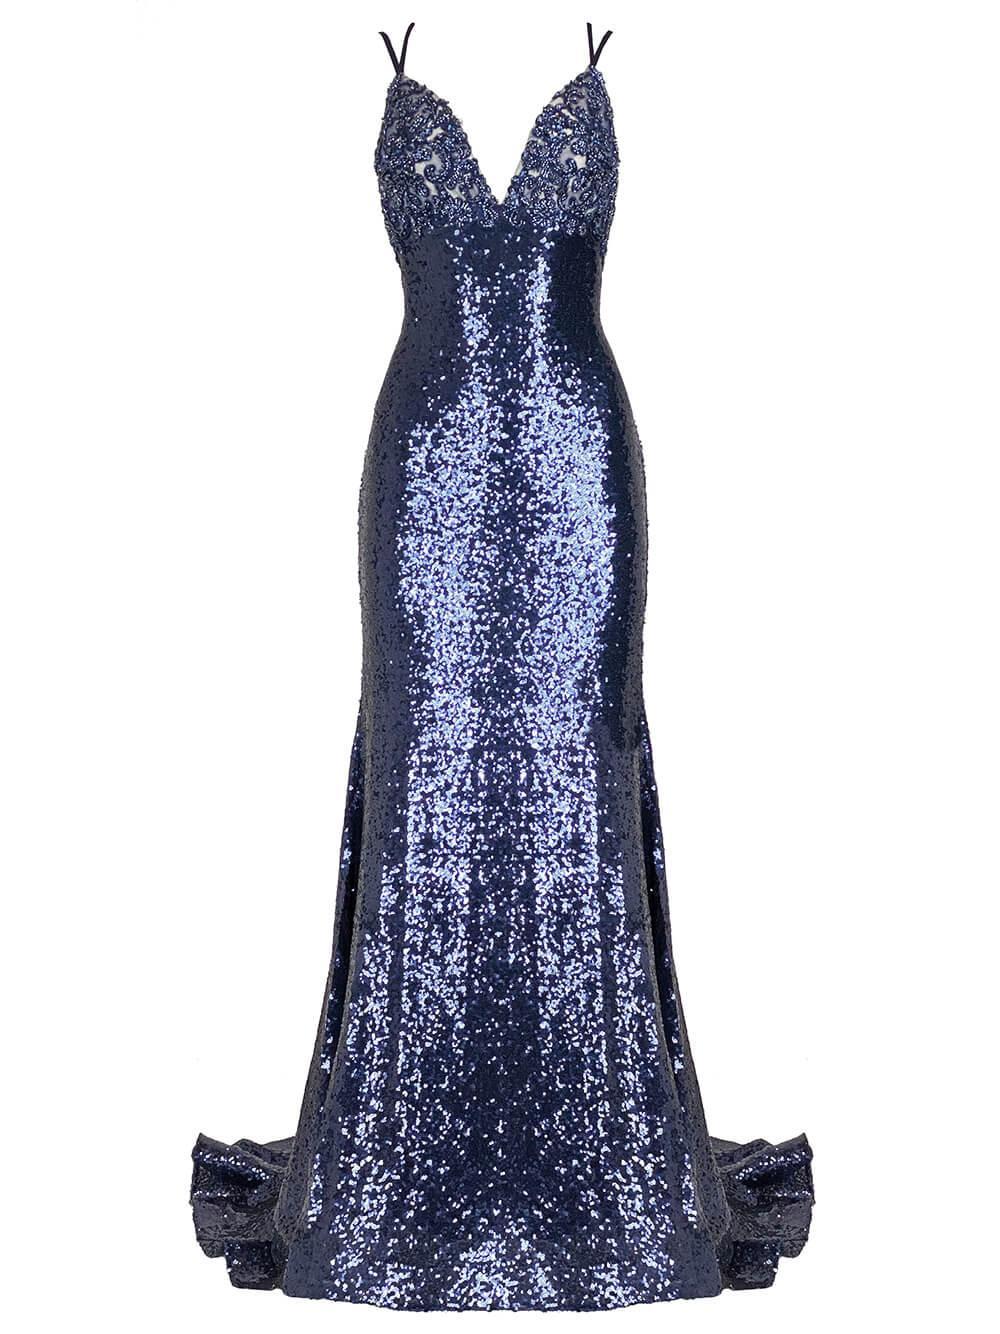 V-Neck Sequin Gown